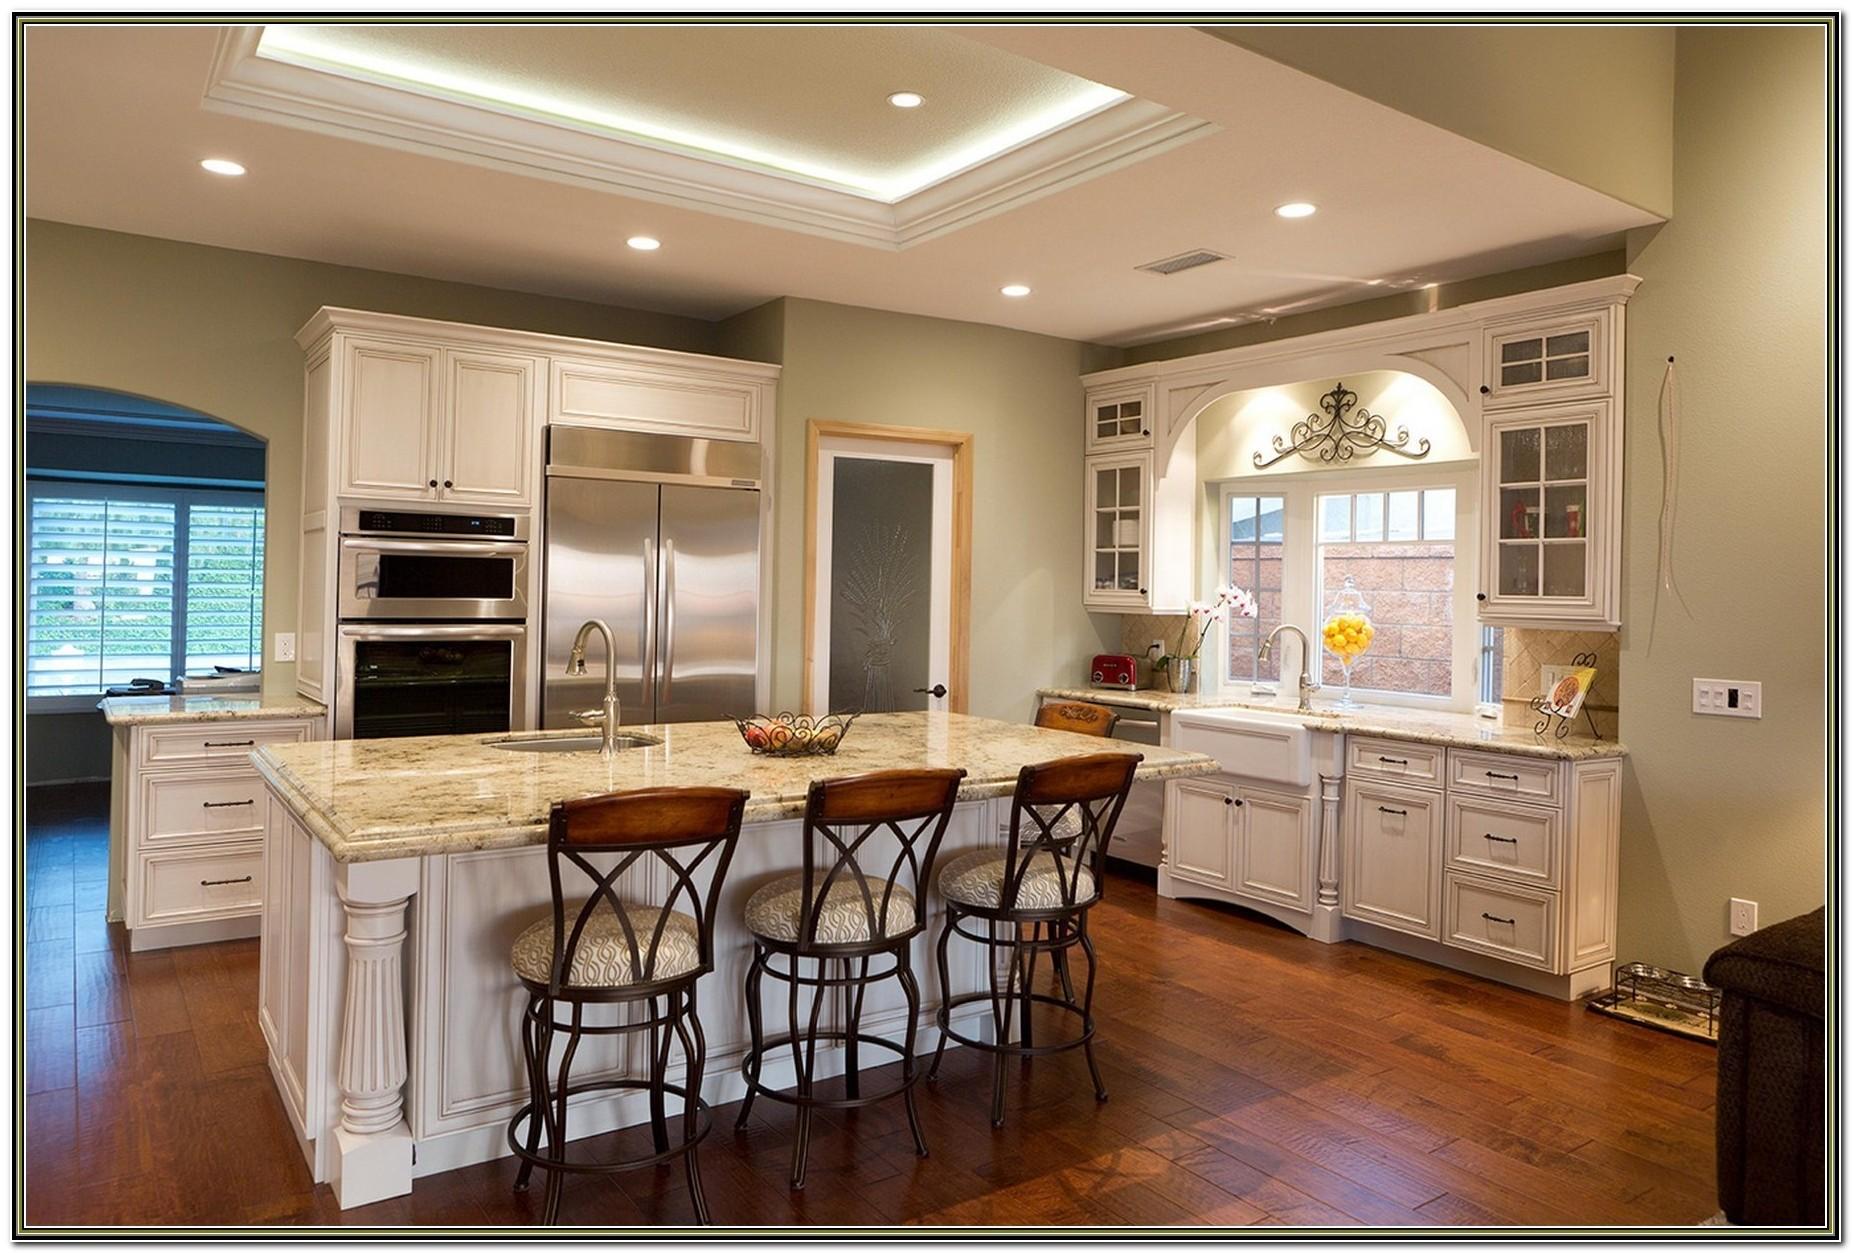 Kitchen Cabinets Orange County Ny